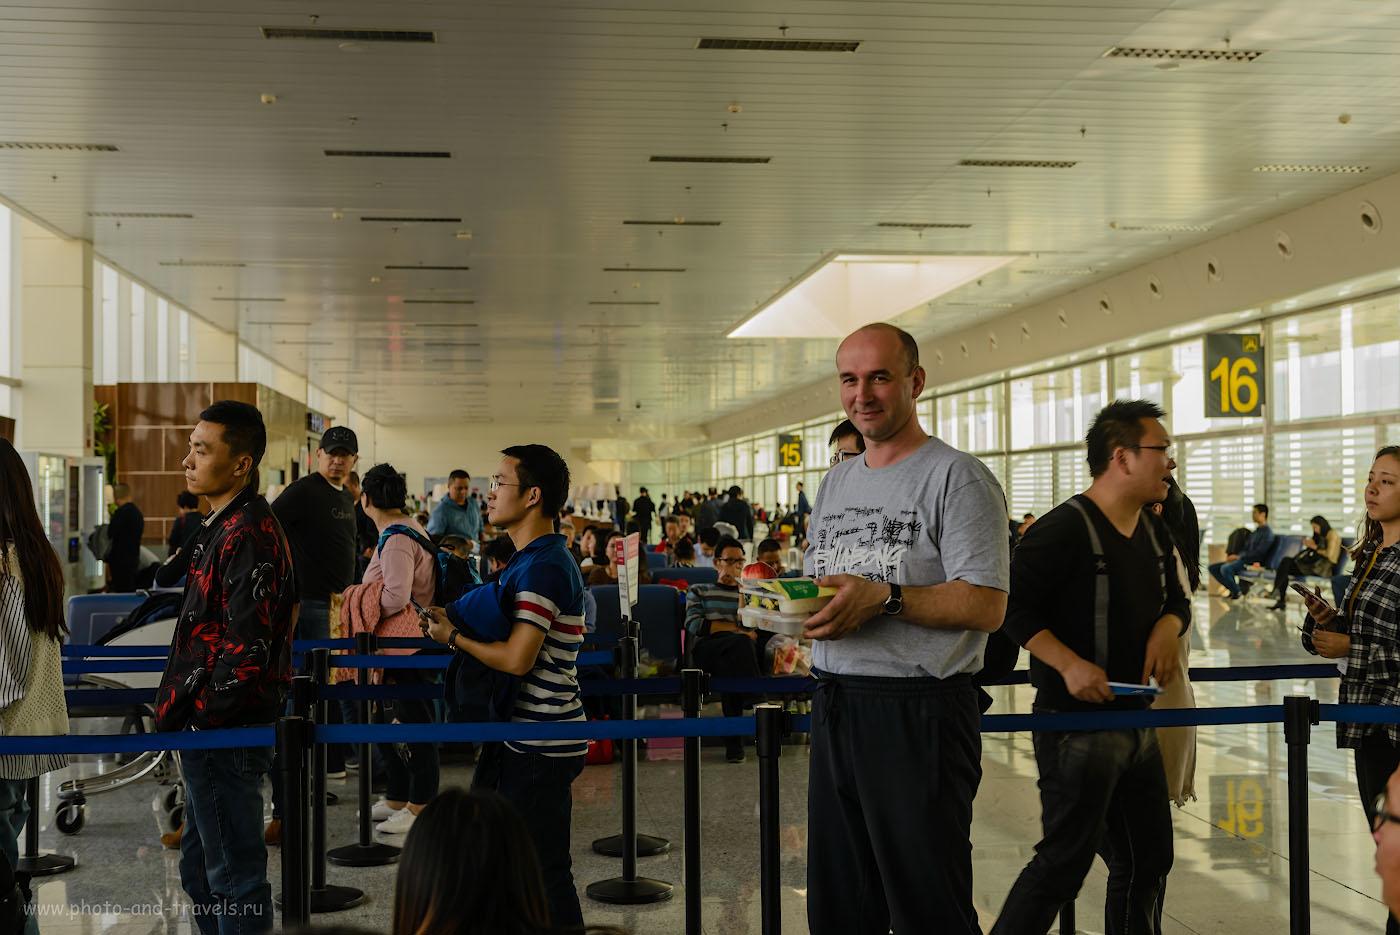 Фото 16. Получил свой паек во время ожидания вылета в аэропорту «Дивопу» в Урумчи. Приключения россиян в Китае. 1/100, 0, 4.0, 140, 42.